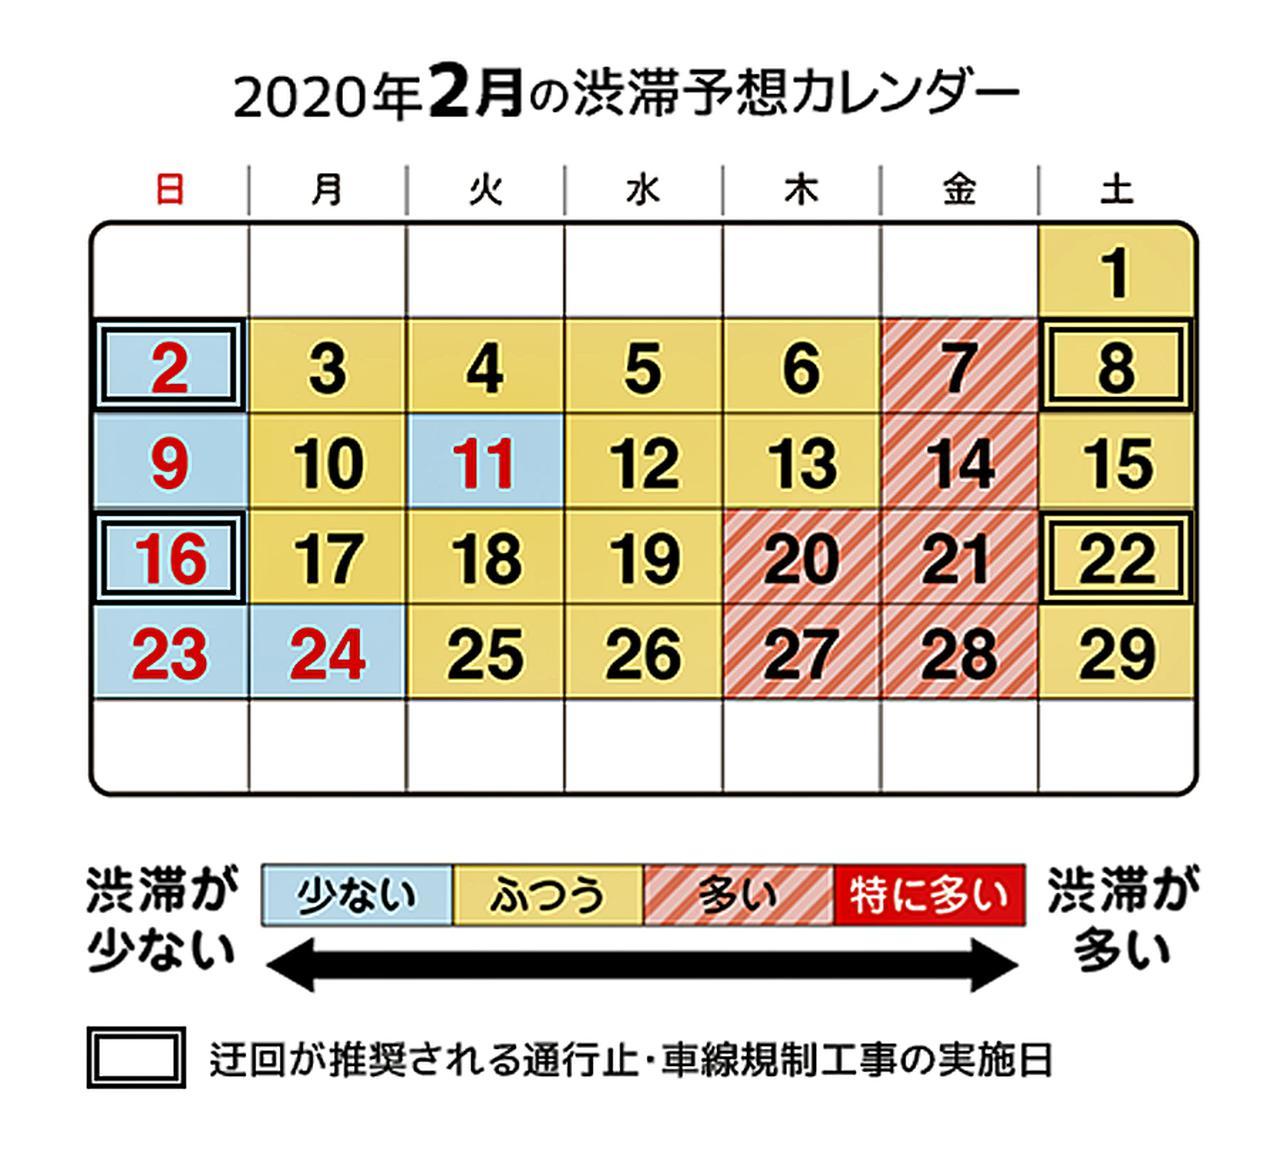 【渋滞予想】首都高速が2020年2月の渋滞予想カレンダーを発表